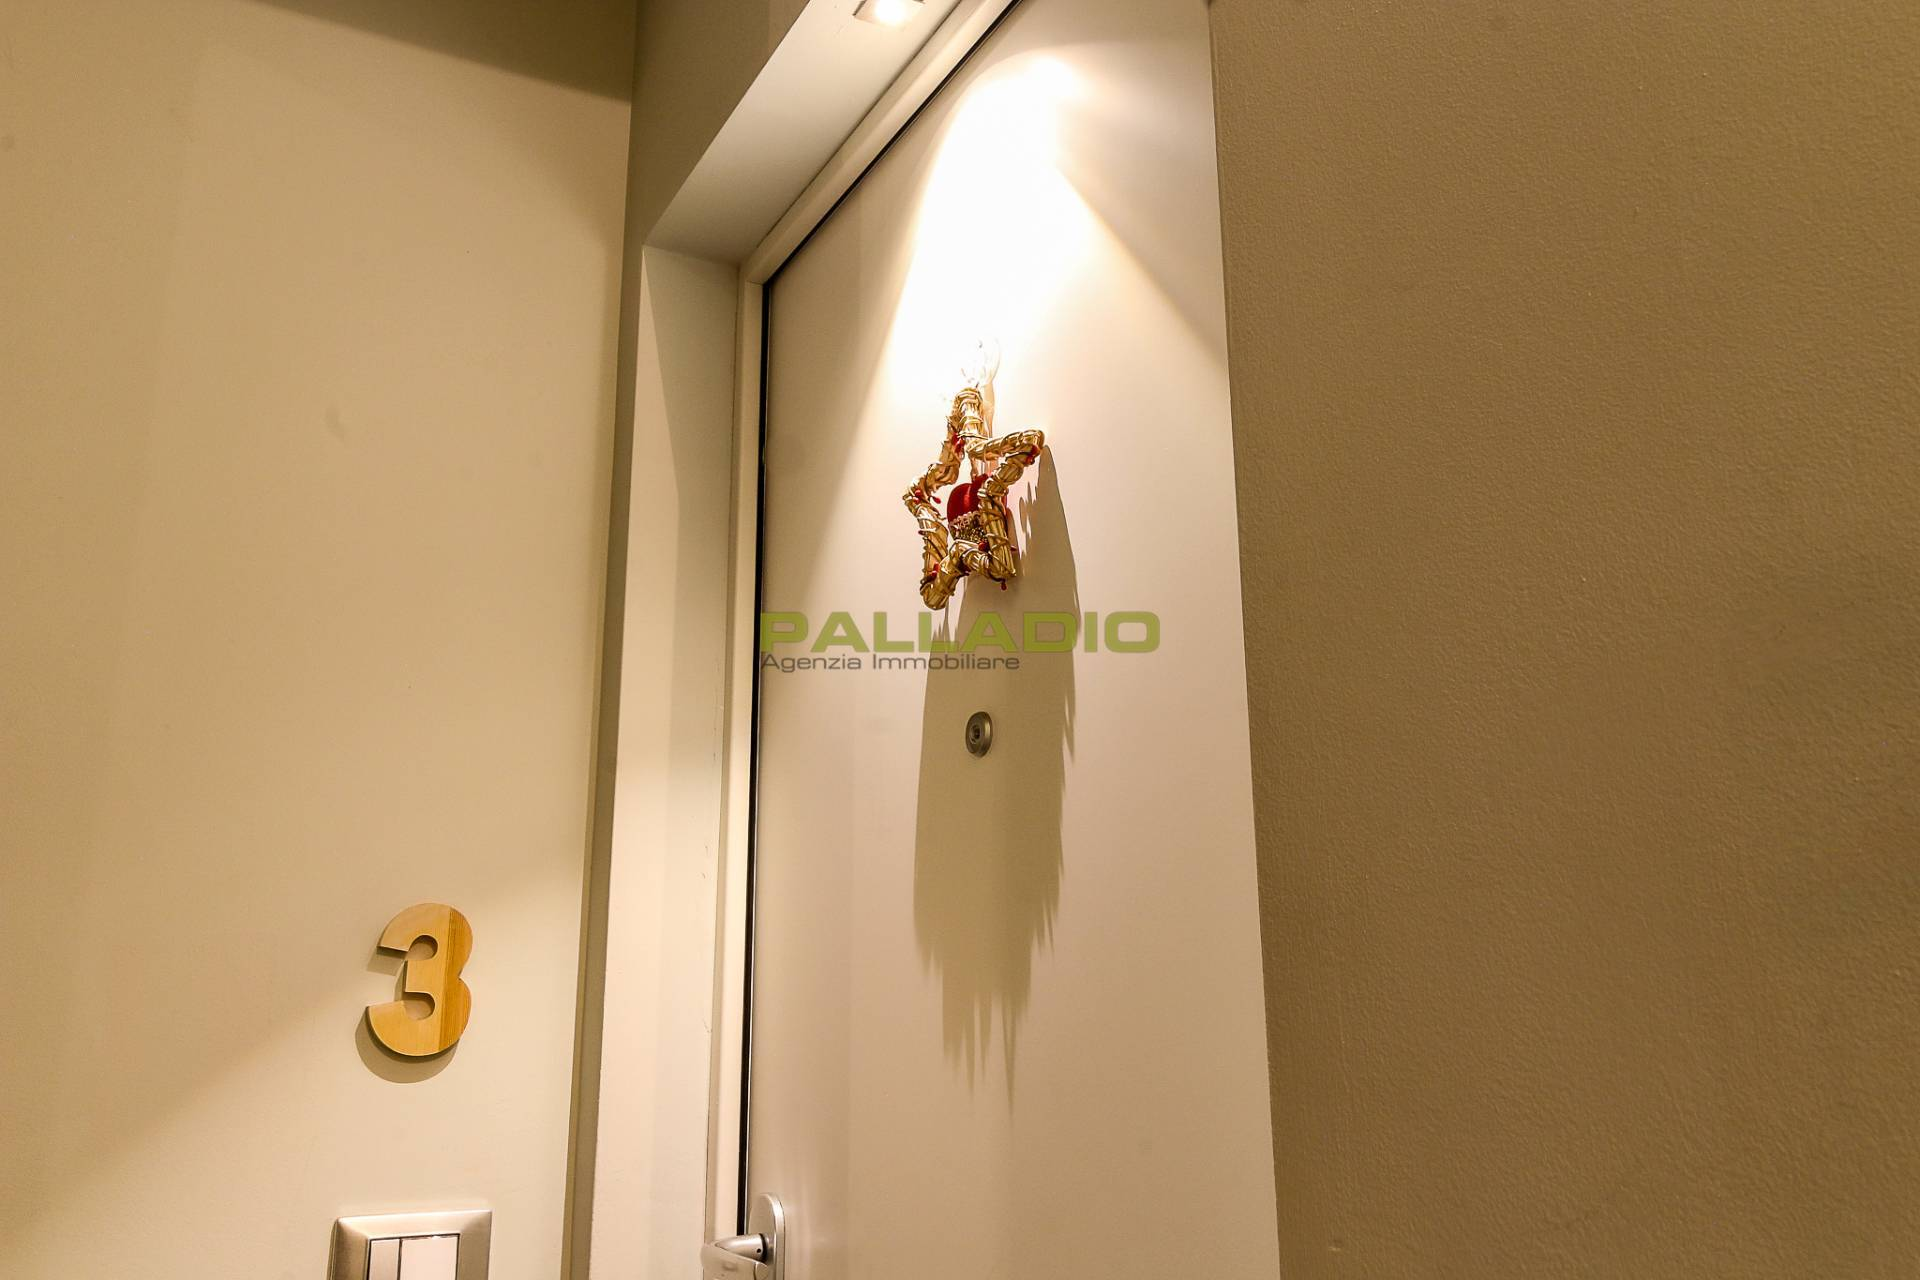 Appartamento in vendita a Aosta (AO)